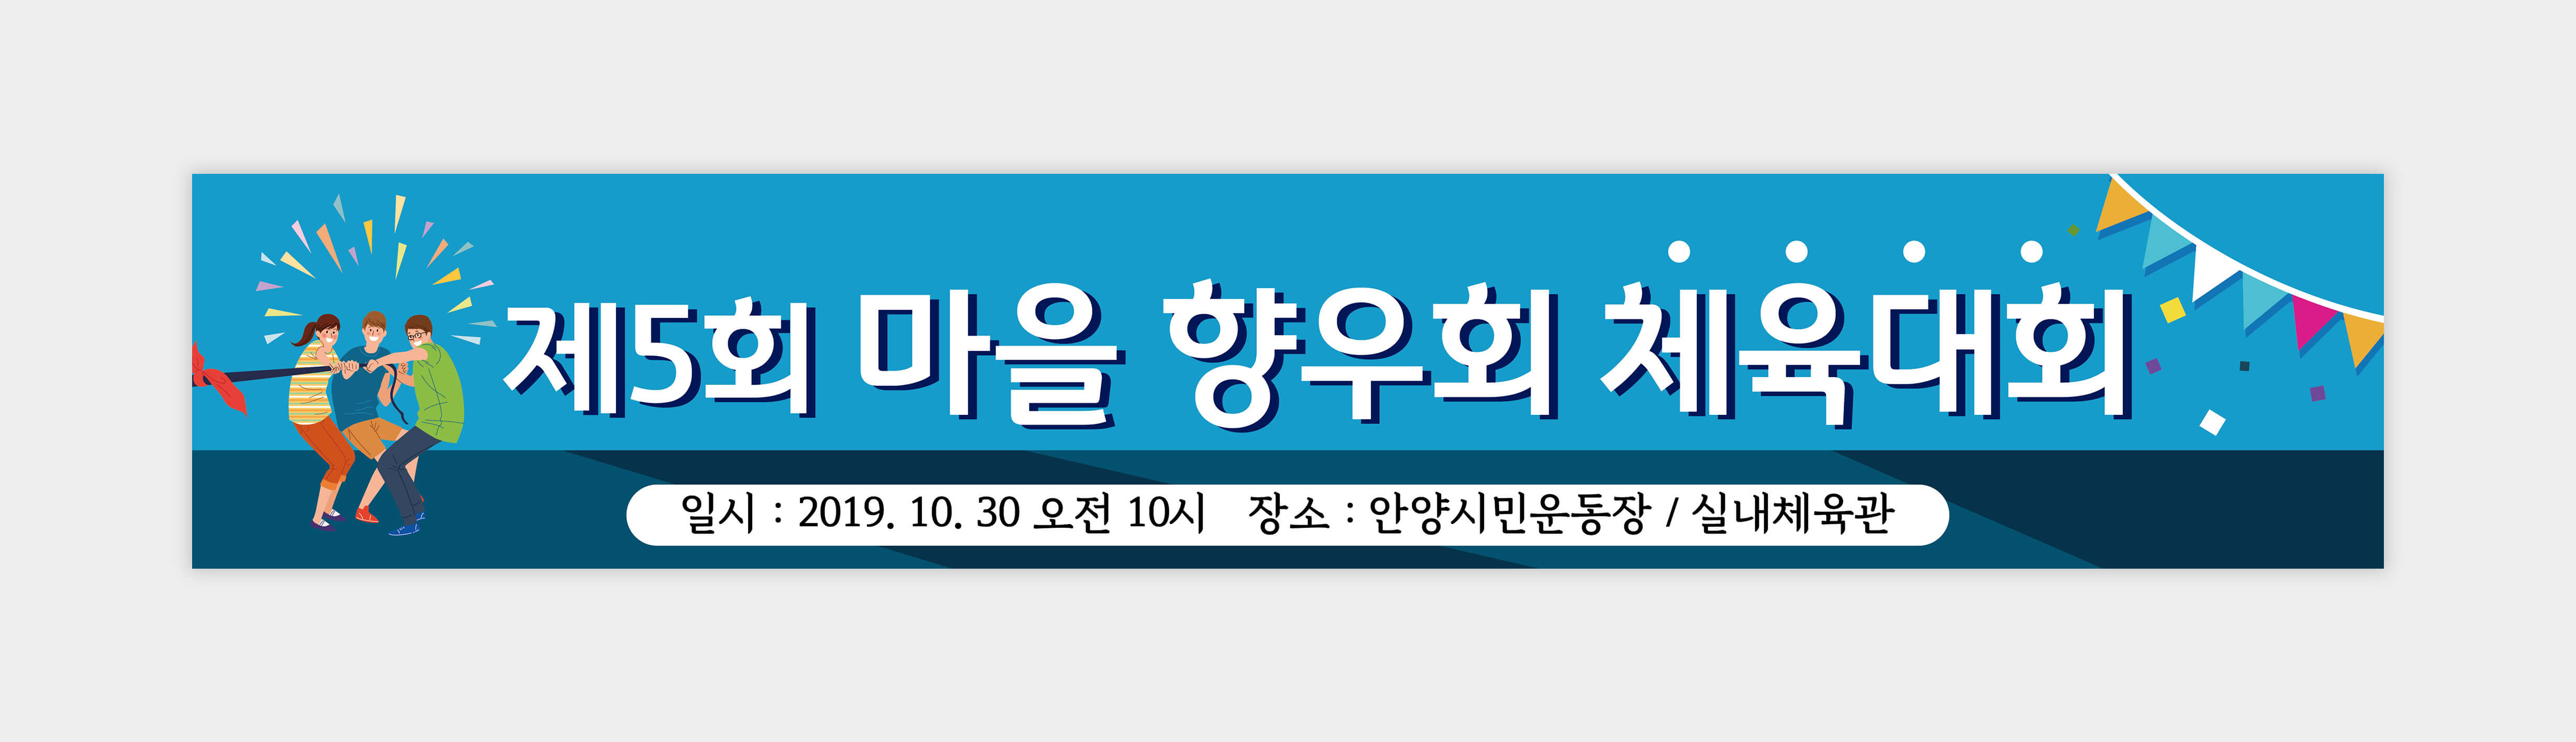 현수막_103